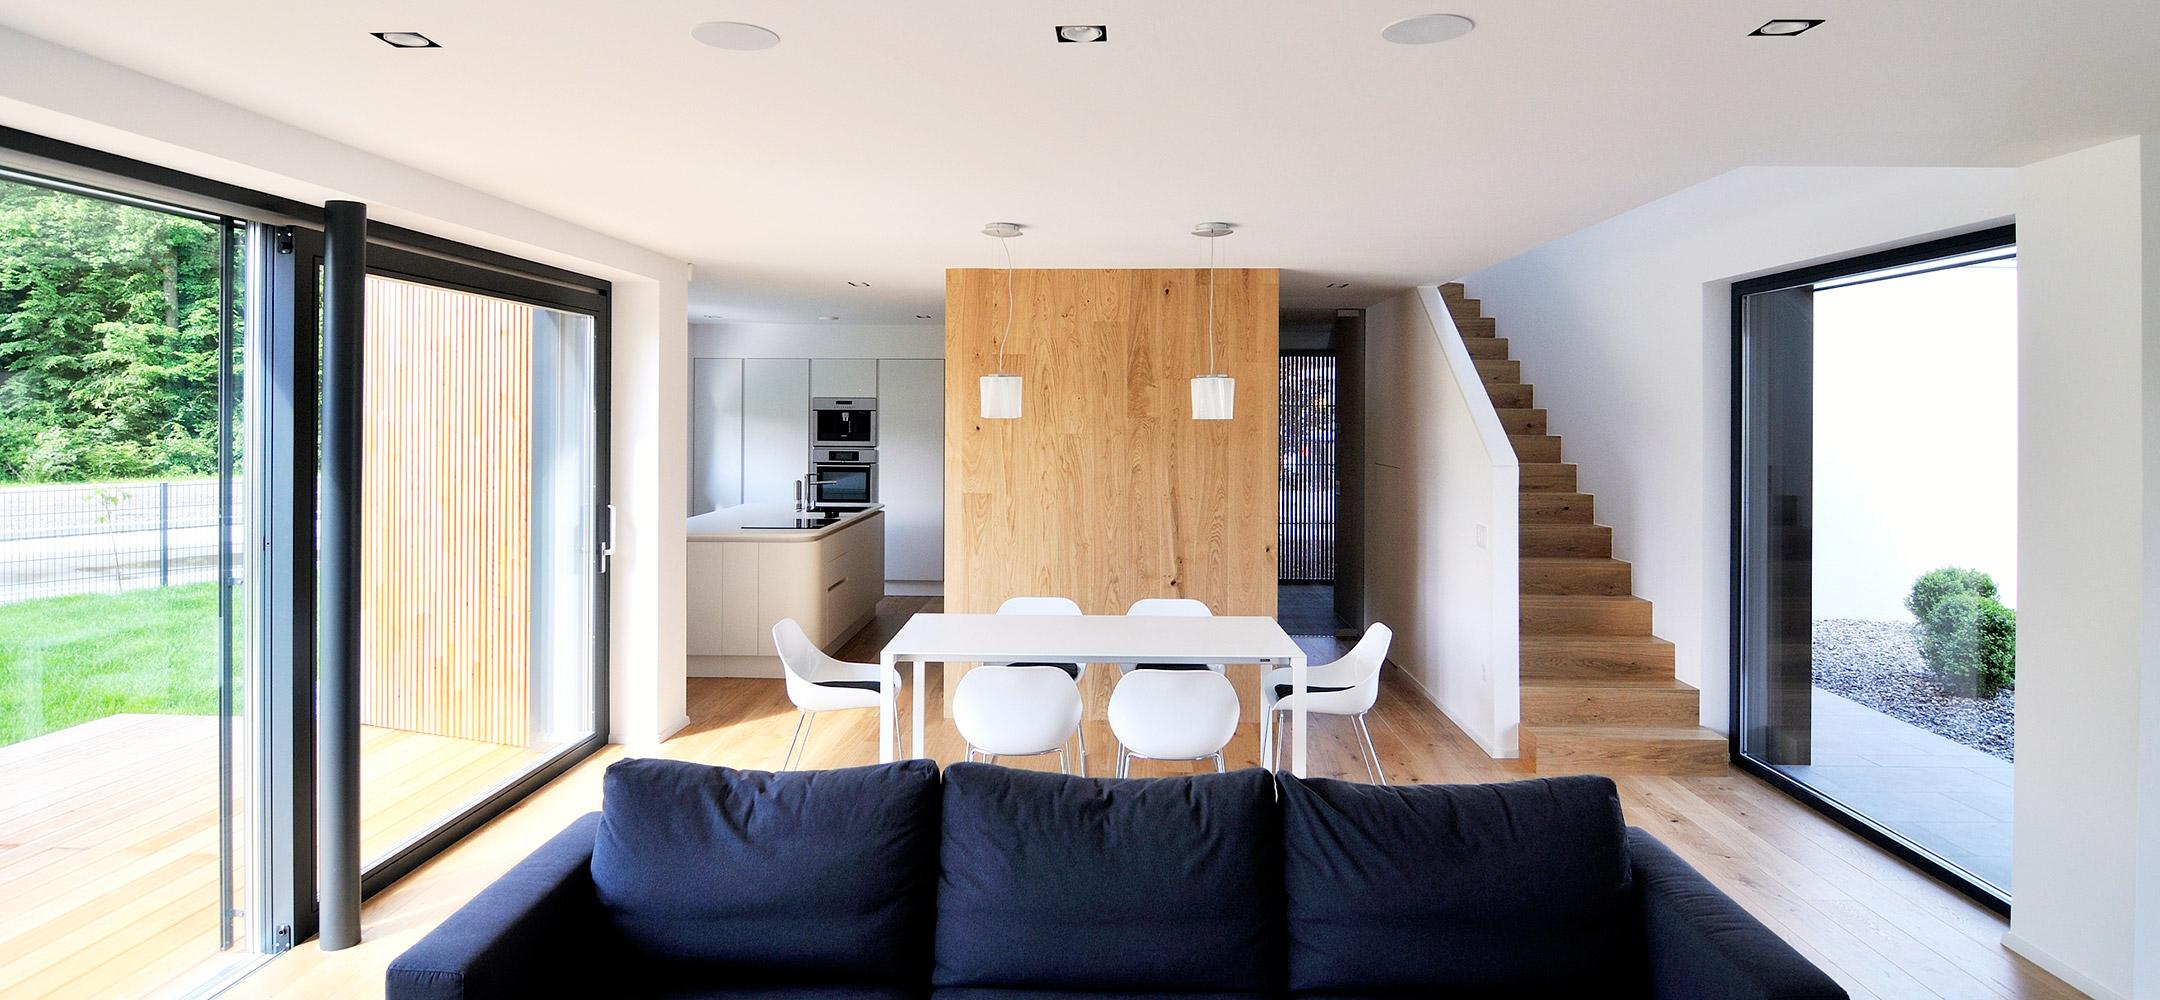 Bivalni prostor aktivne hiše: orientacija vzhod - zahod